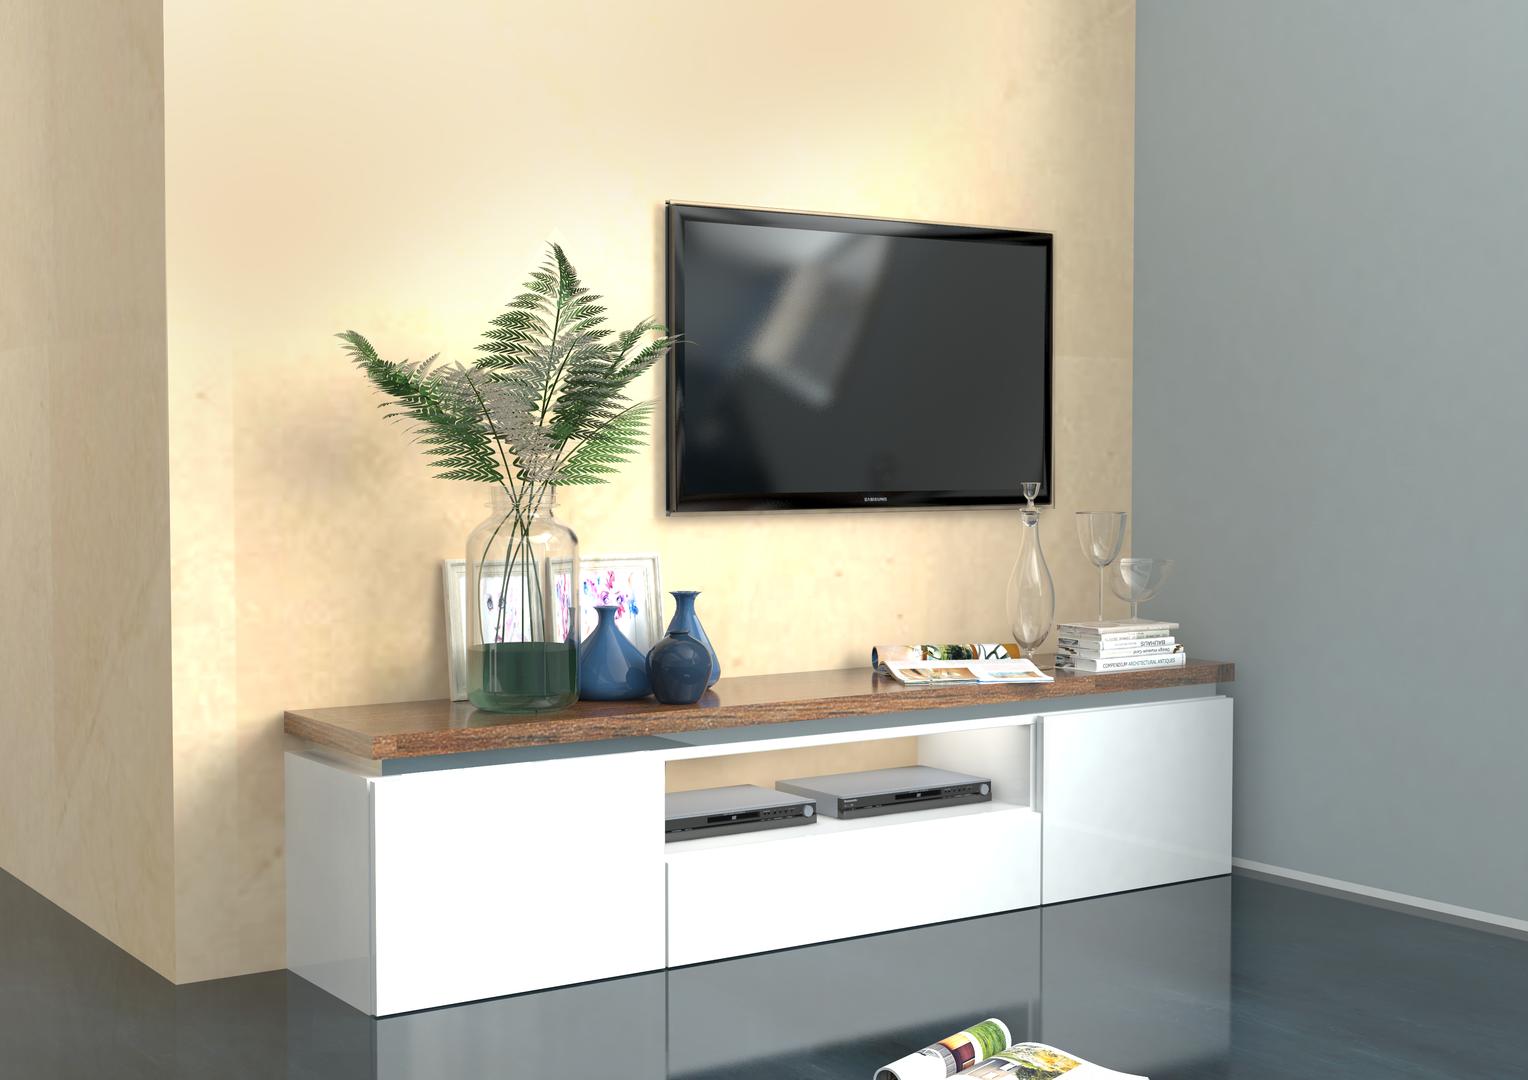 Mobile porta tv bianco Messico,per soggiorno moderno elegante